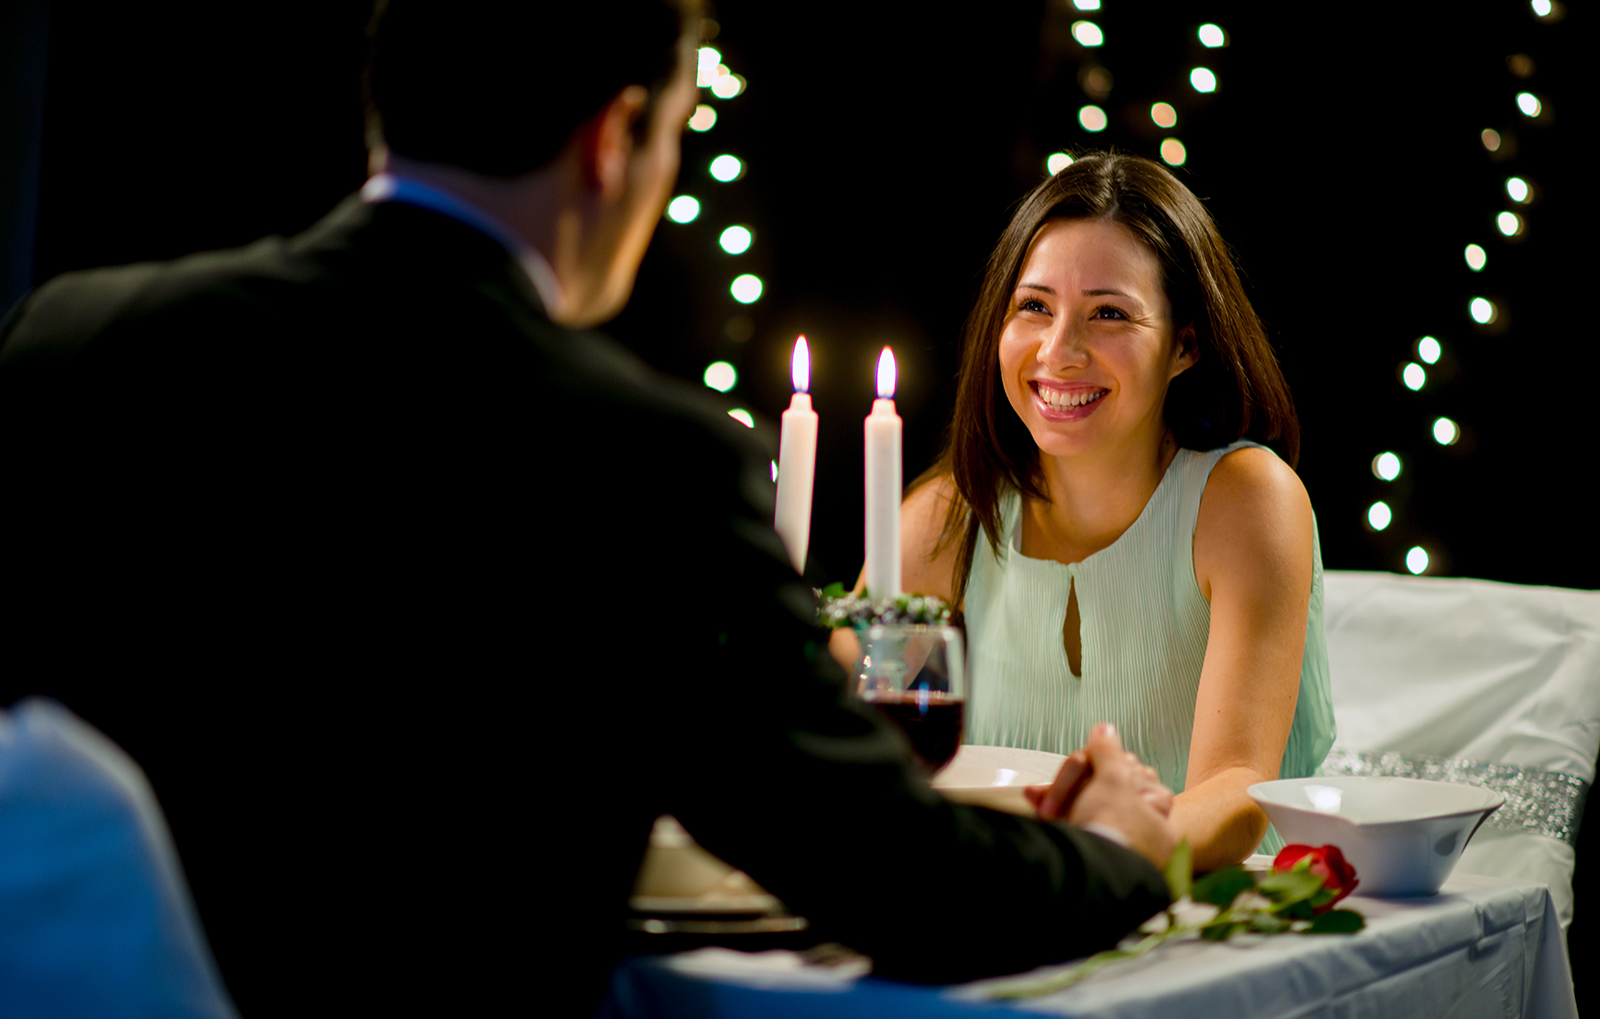 candle-light-dinner-deluxe-strausberg-bg1